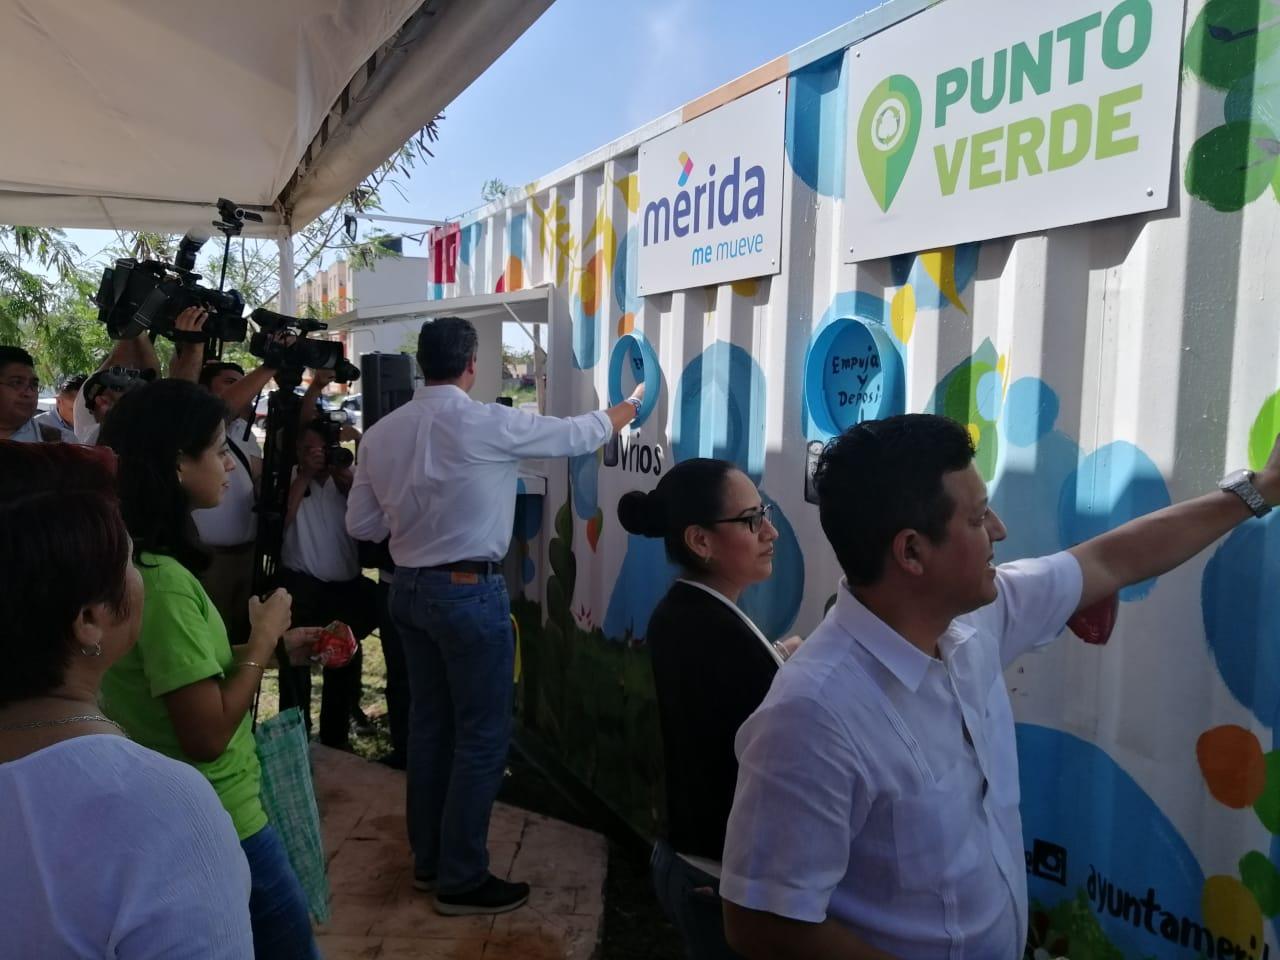 Inauguran nuevo mega punto verde en Mérida